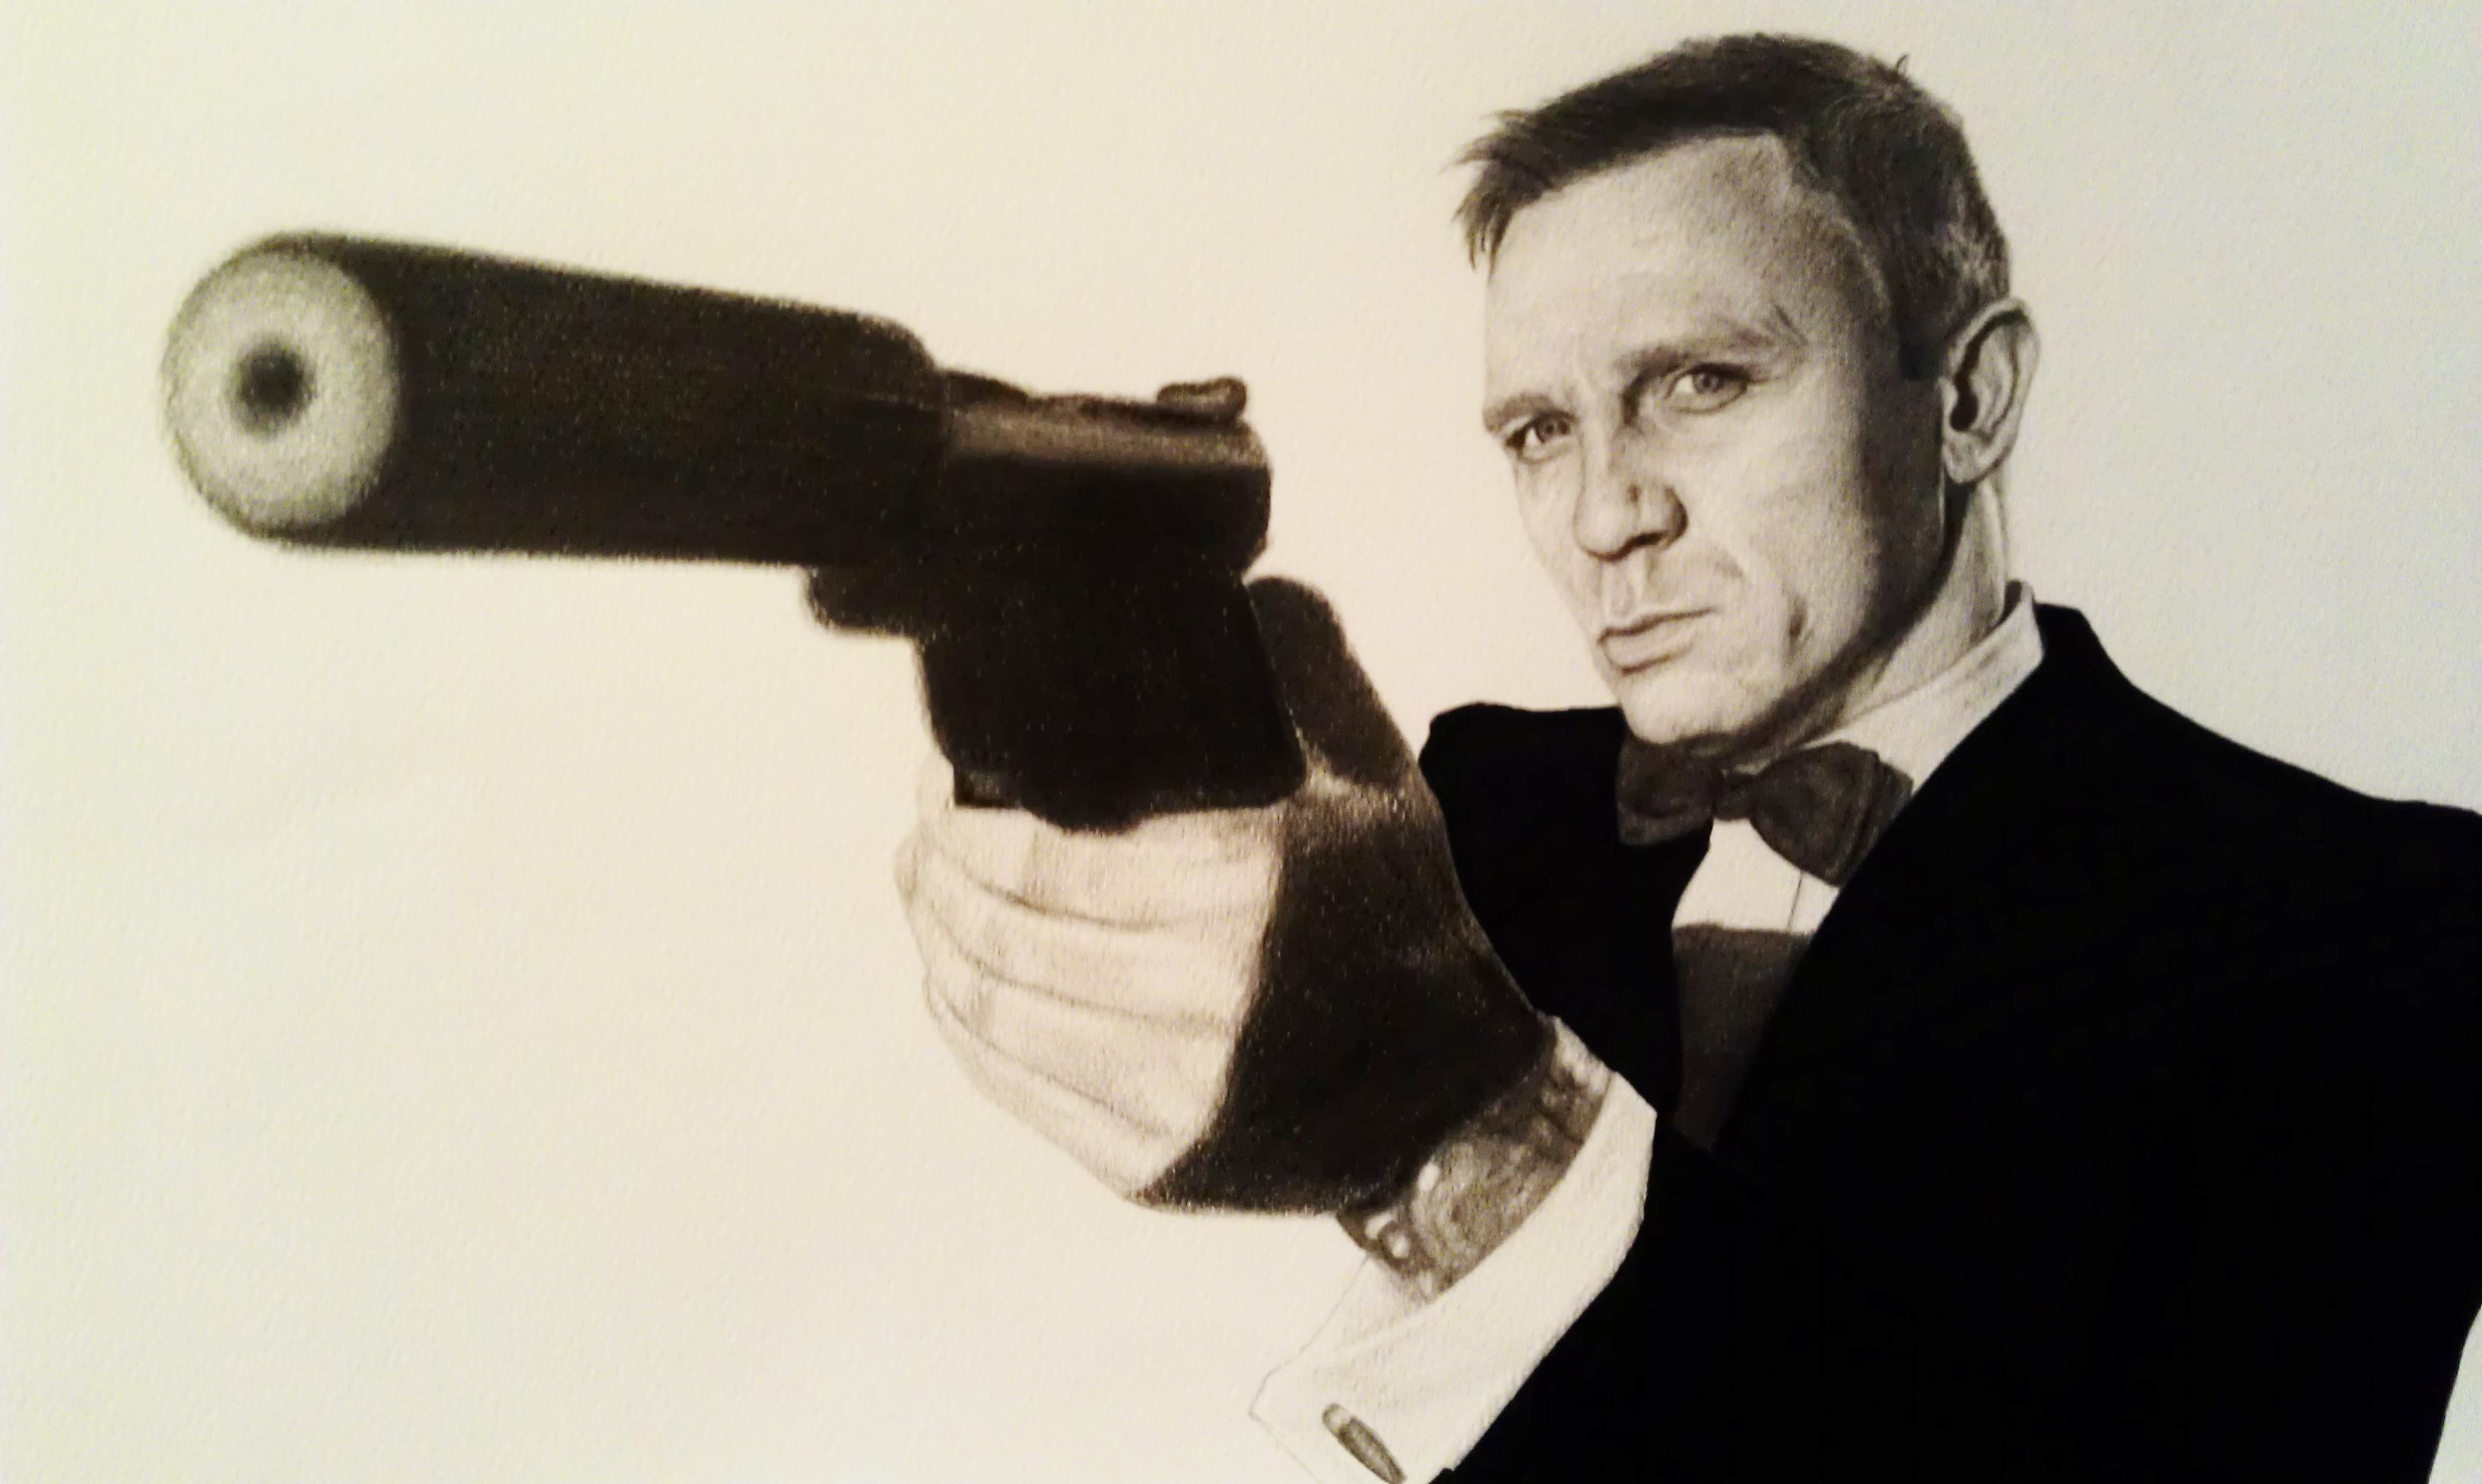 3264x1952 Bond 007 By Iakko92